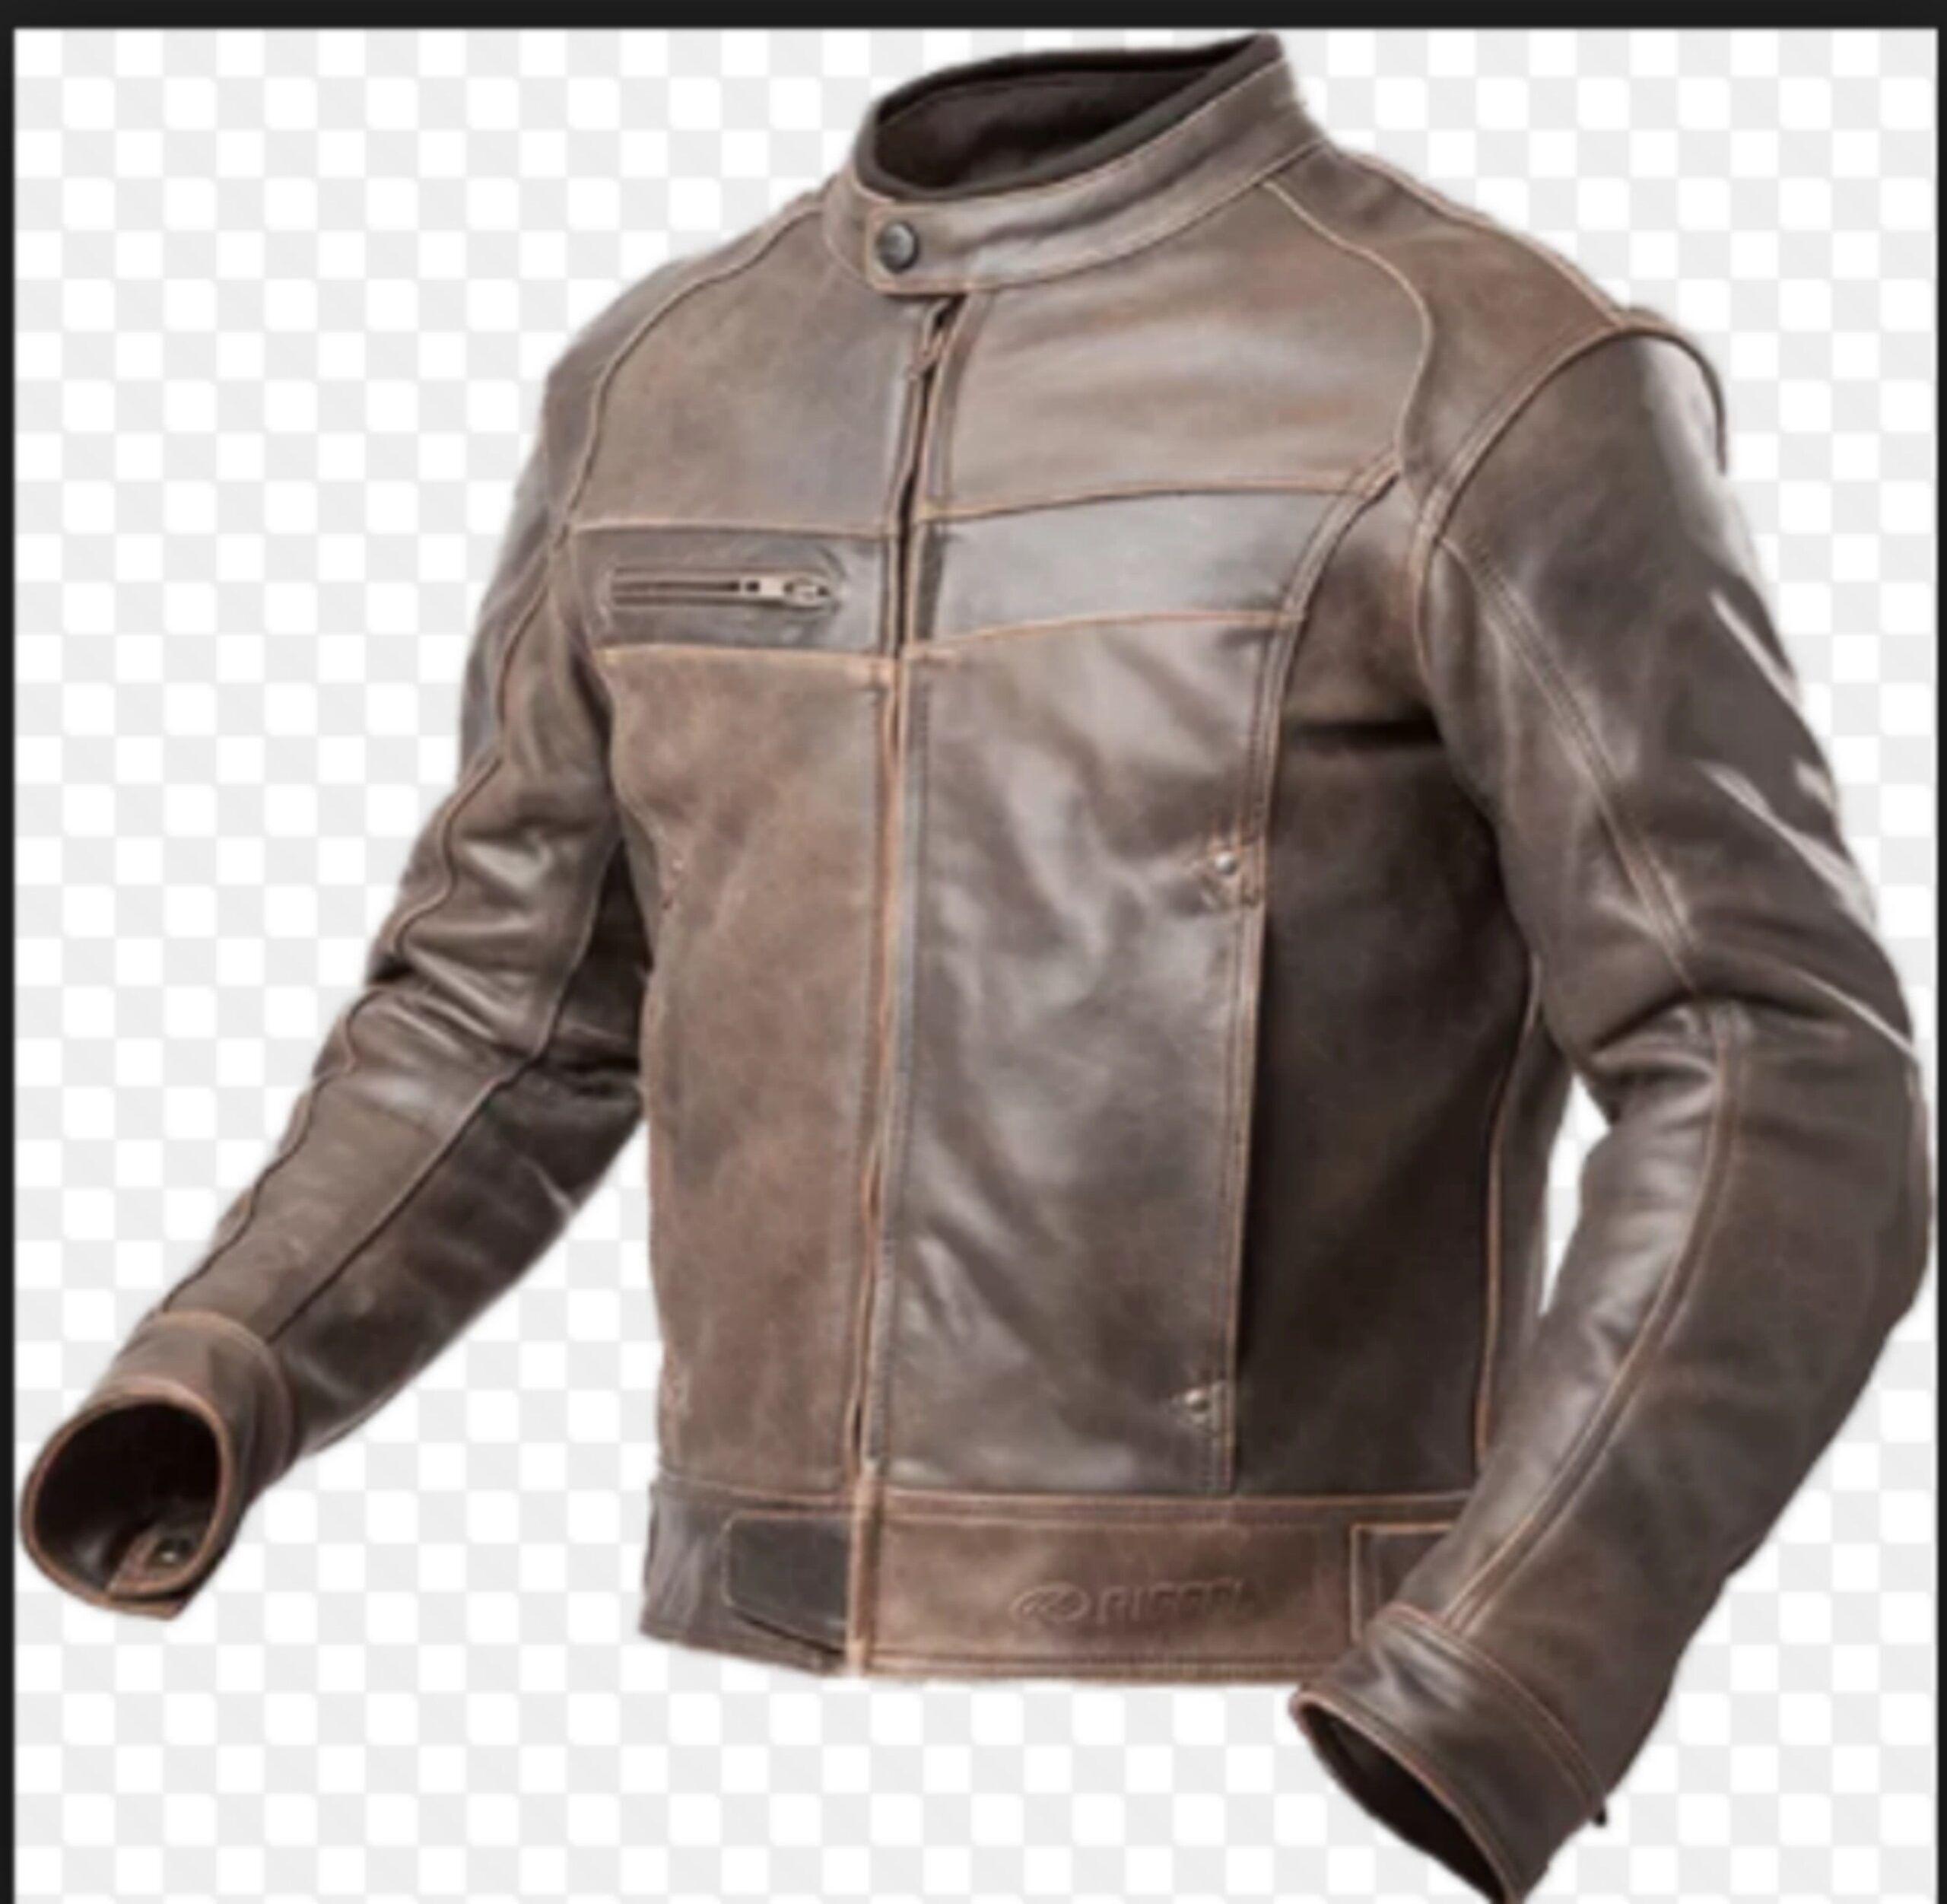 jaqueta-de-couro-antes-de-aumentar-ellegancy-costuras-www-elcosturas-com_-br-jaquetadecouro-motociclista-velocidade-moto-ellegancycosturas-8340427